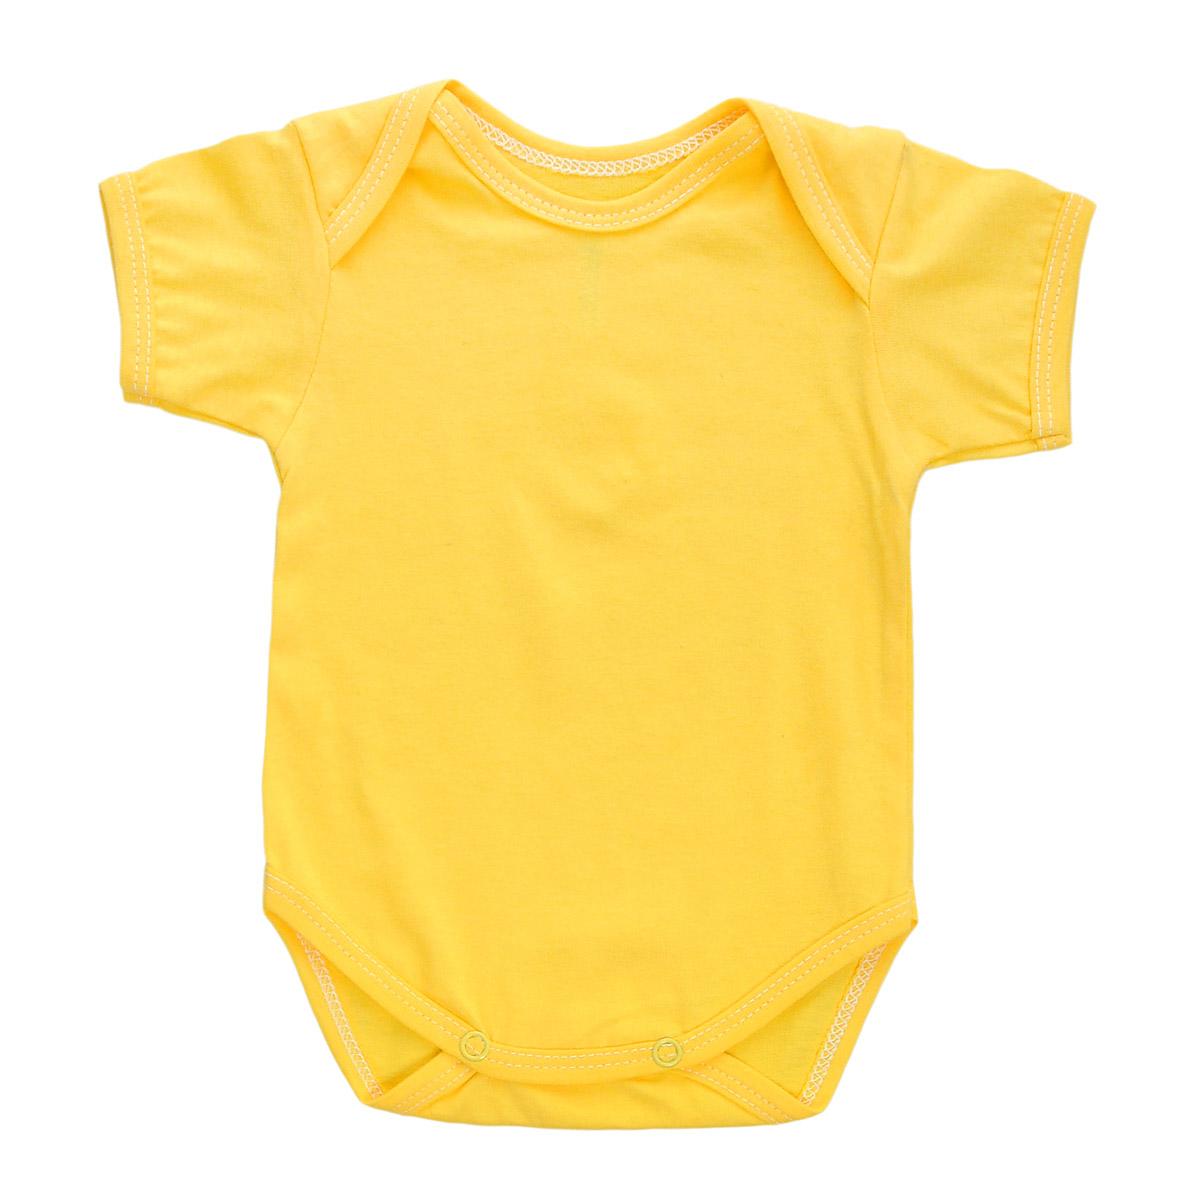 Боди детское Трон-Плюс, цвет: желтый. 5863. Размер 68, 6 месяцев5863Детское боди Трон-плюс с короткими рукавами послужит идеальным дополнением к гардеробу вашего ребенка, обеспечивая ему наибольший комфорт. Боди изготовлено из натурального хлопка, благодаря чему оно необычайно мягкое и легкое, не раздражает нежную кожу ребенка и хорошо вентилируется, а эластичные швы приятны телу младенца и не препятствуют его движениям. Удобные запахи на плечах и кнопки на ластовице помогают легко переодеть младенца или сменить подгузник. Боди полностью соответствует особенностям жизни ребенка в ранний период, не стесняя и не ограничивая его в движениях. В нем ваш ребенок всегда будет в центре внимания.